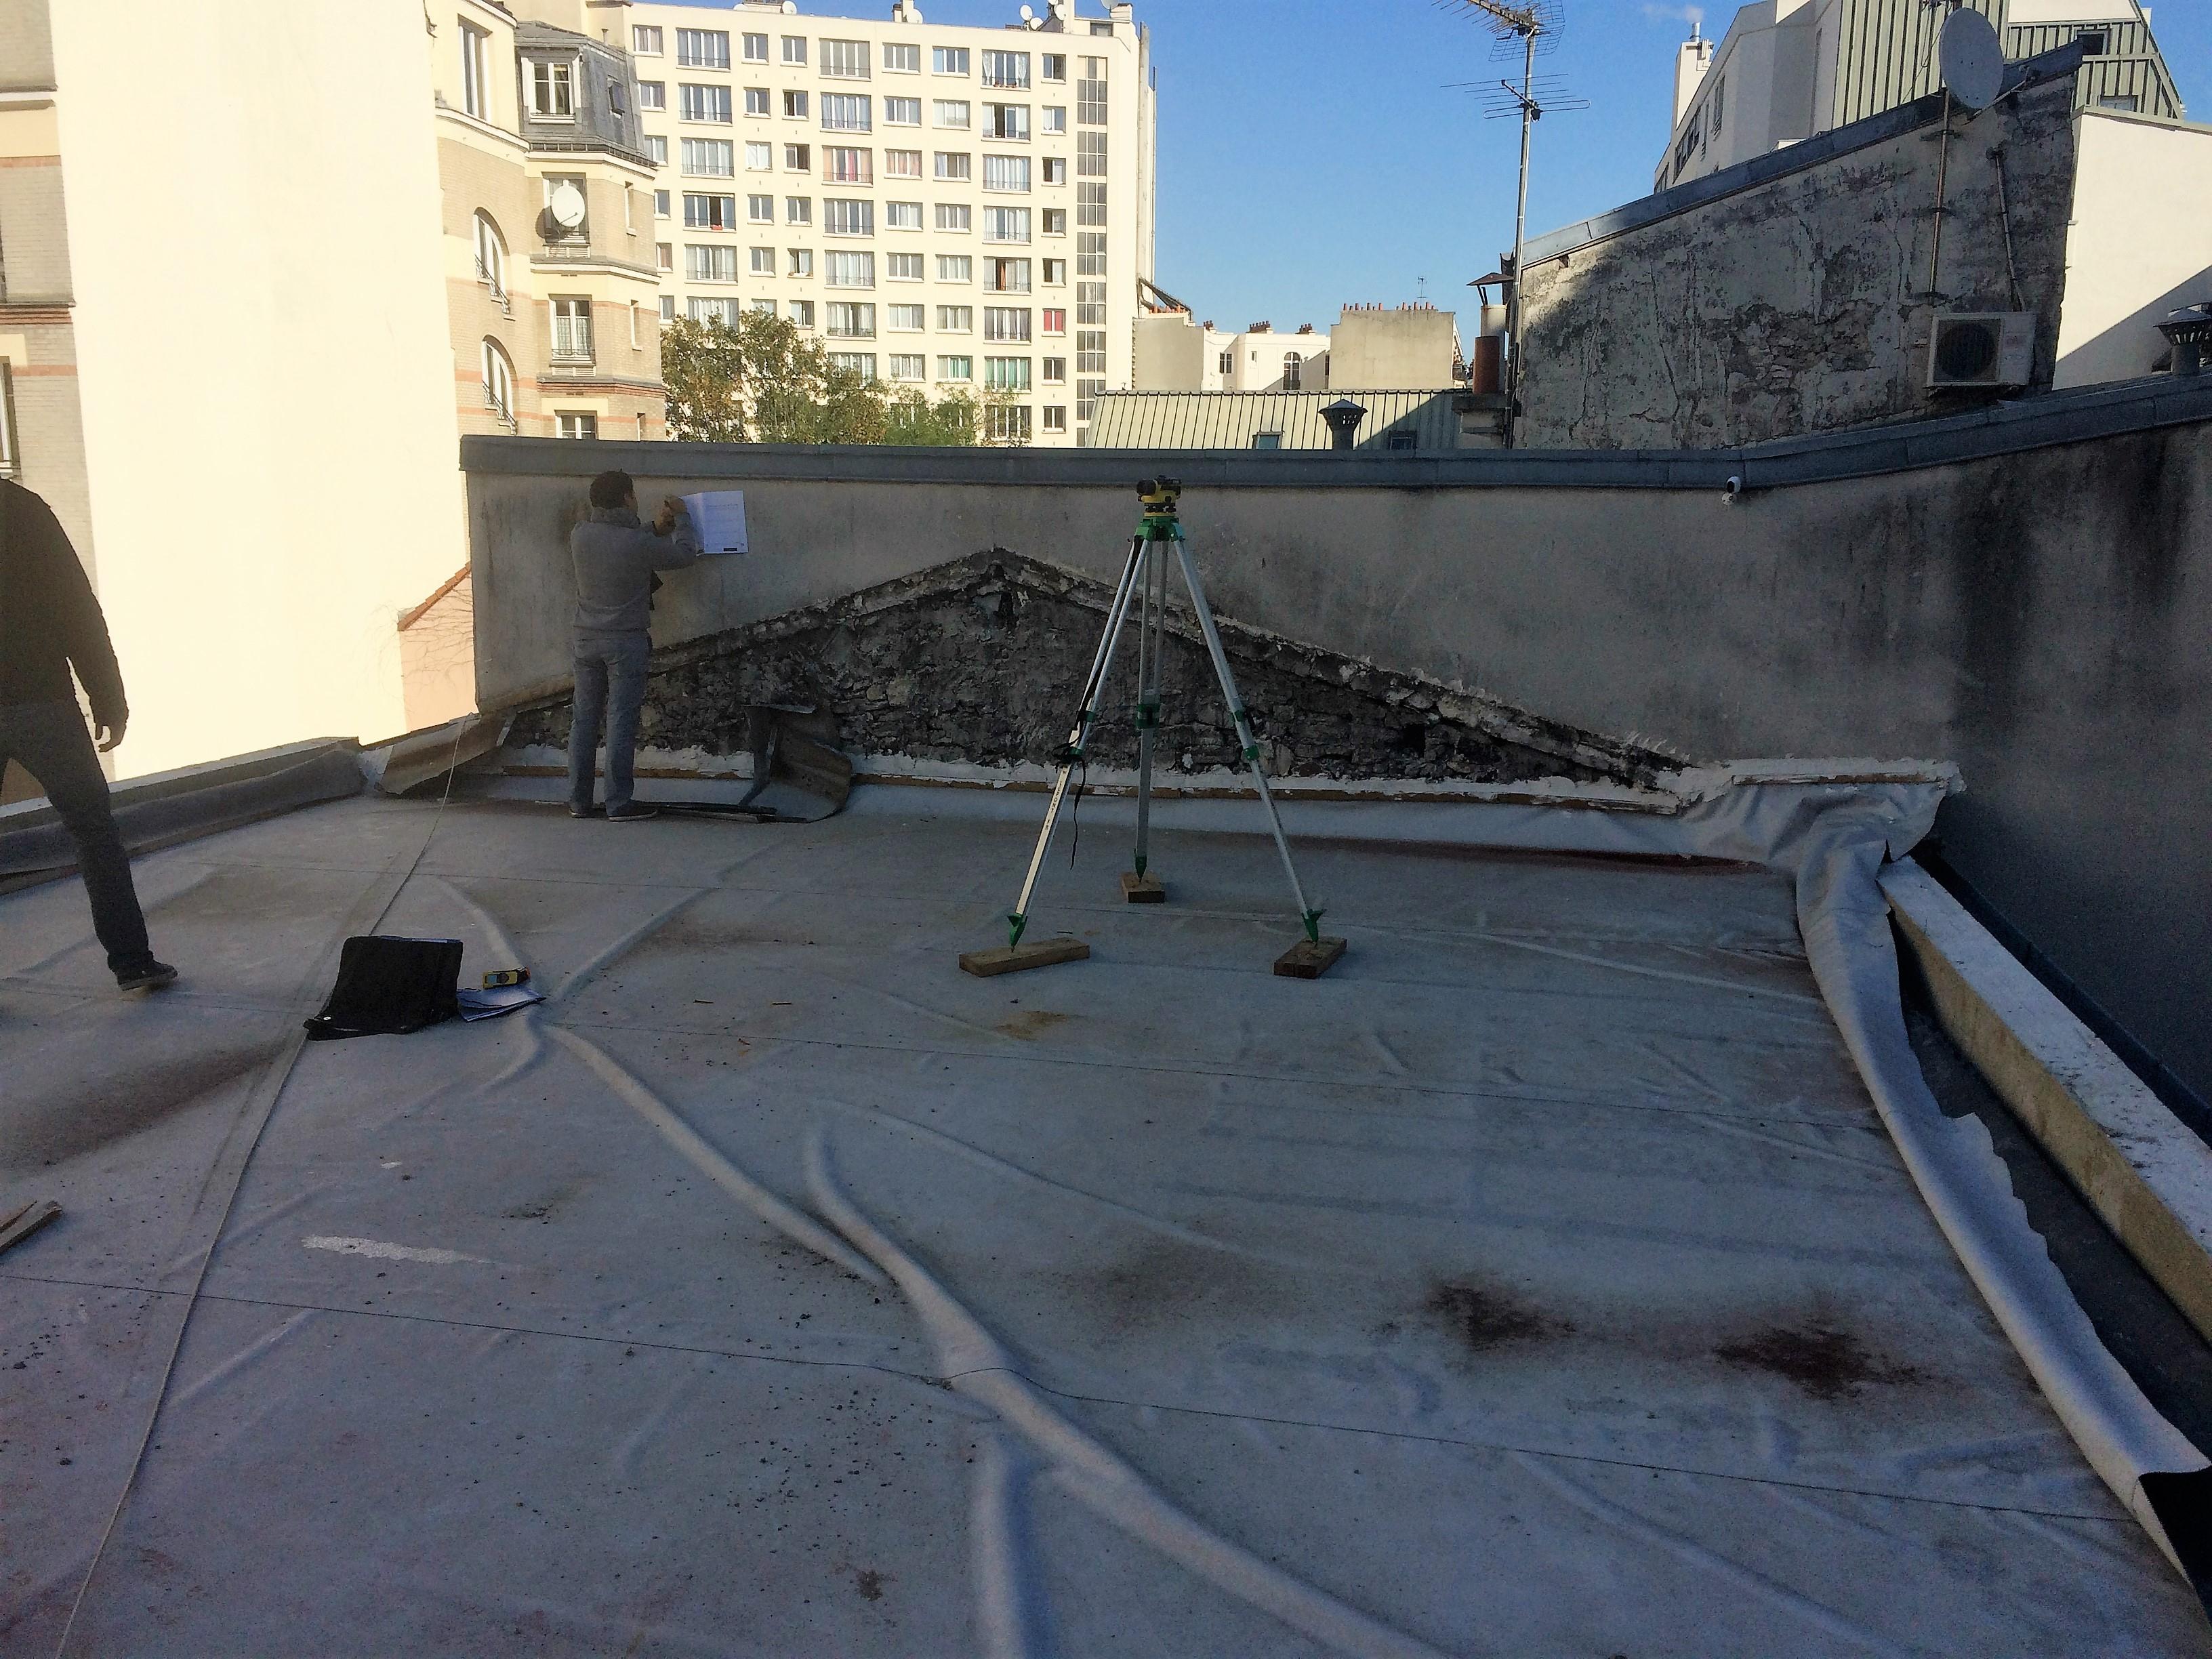 Création D'une Terrasse Sur Le Toit D'un Immeuble Parisien ... intérieur Acces Toit Terrasse